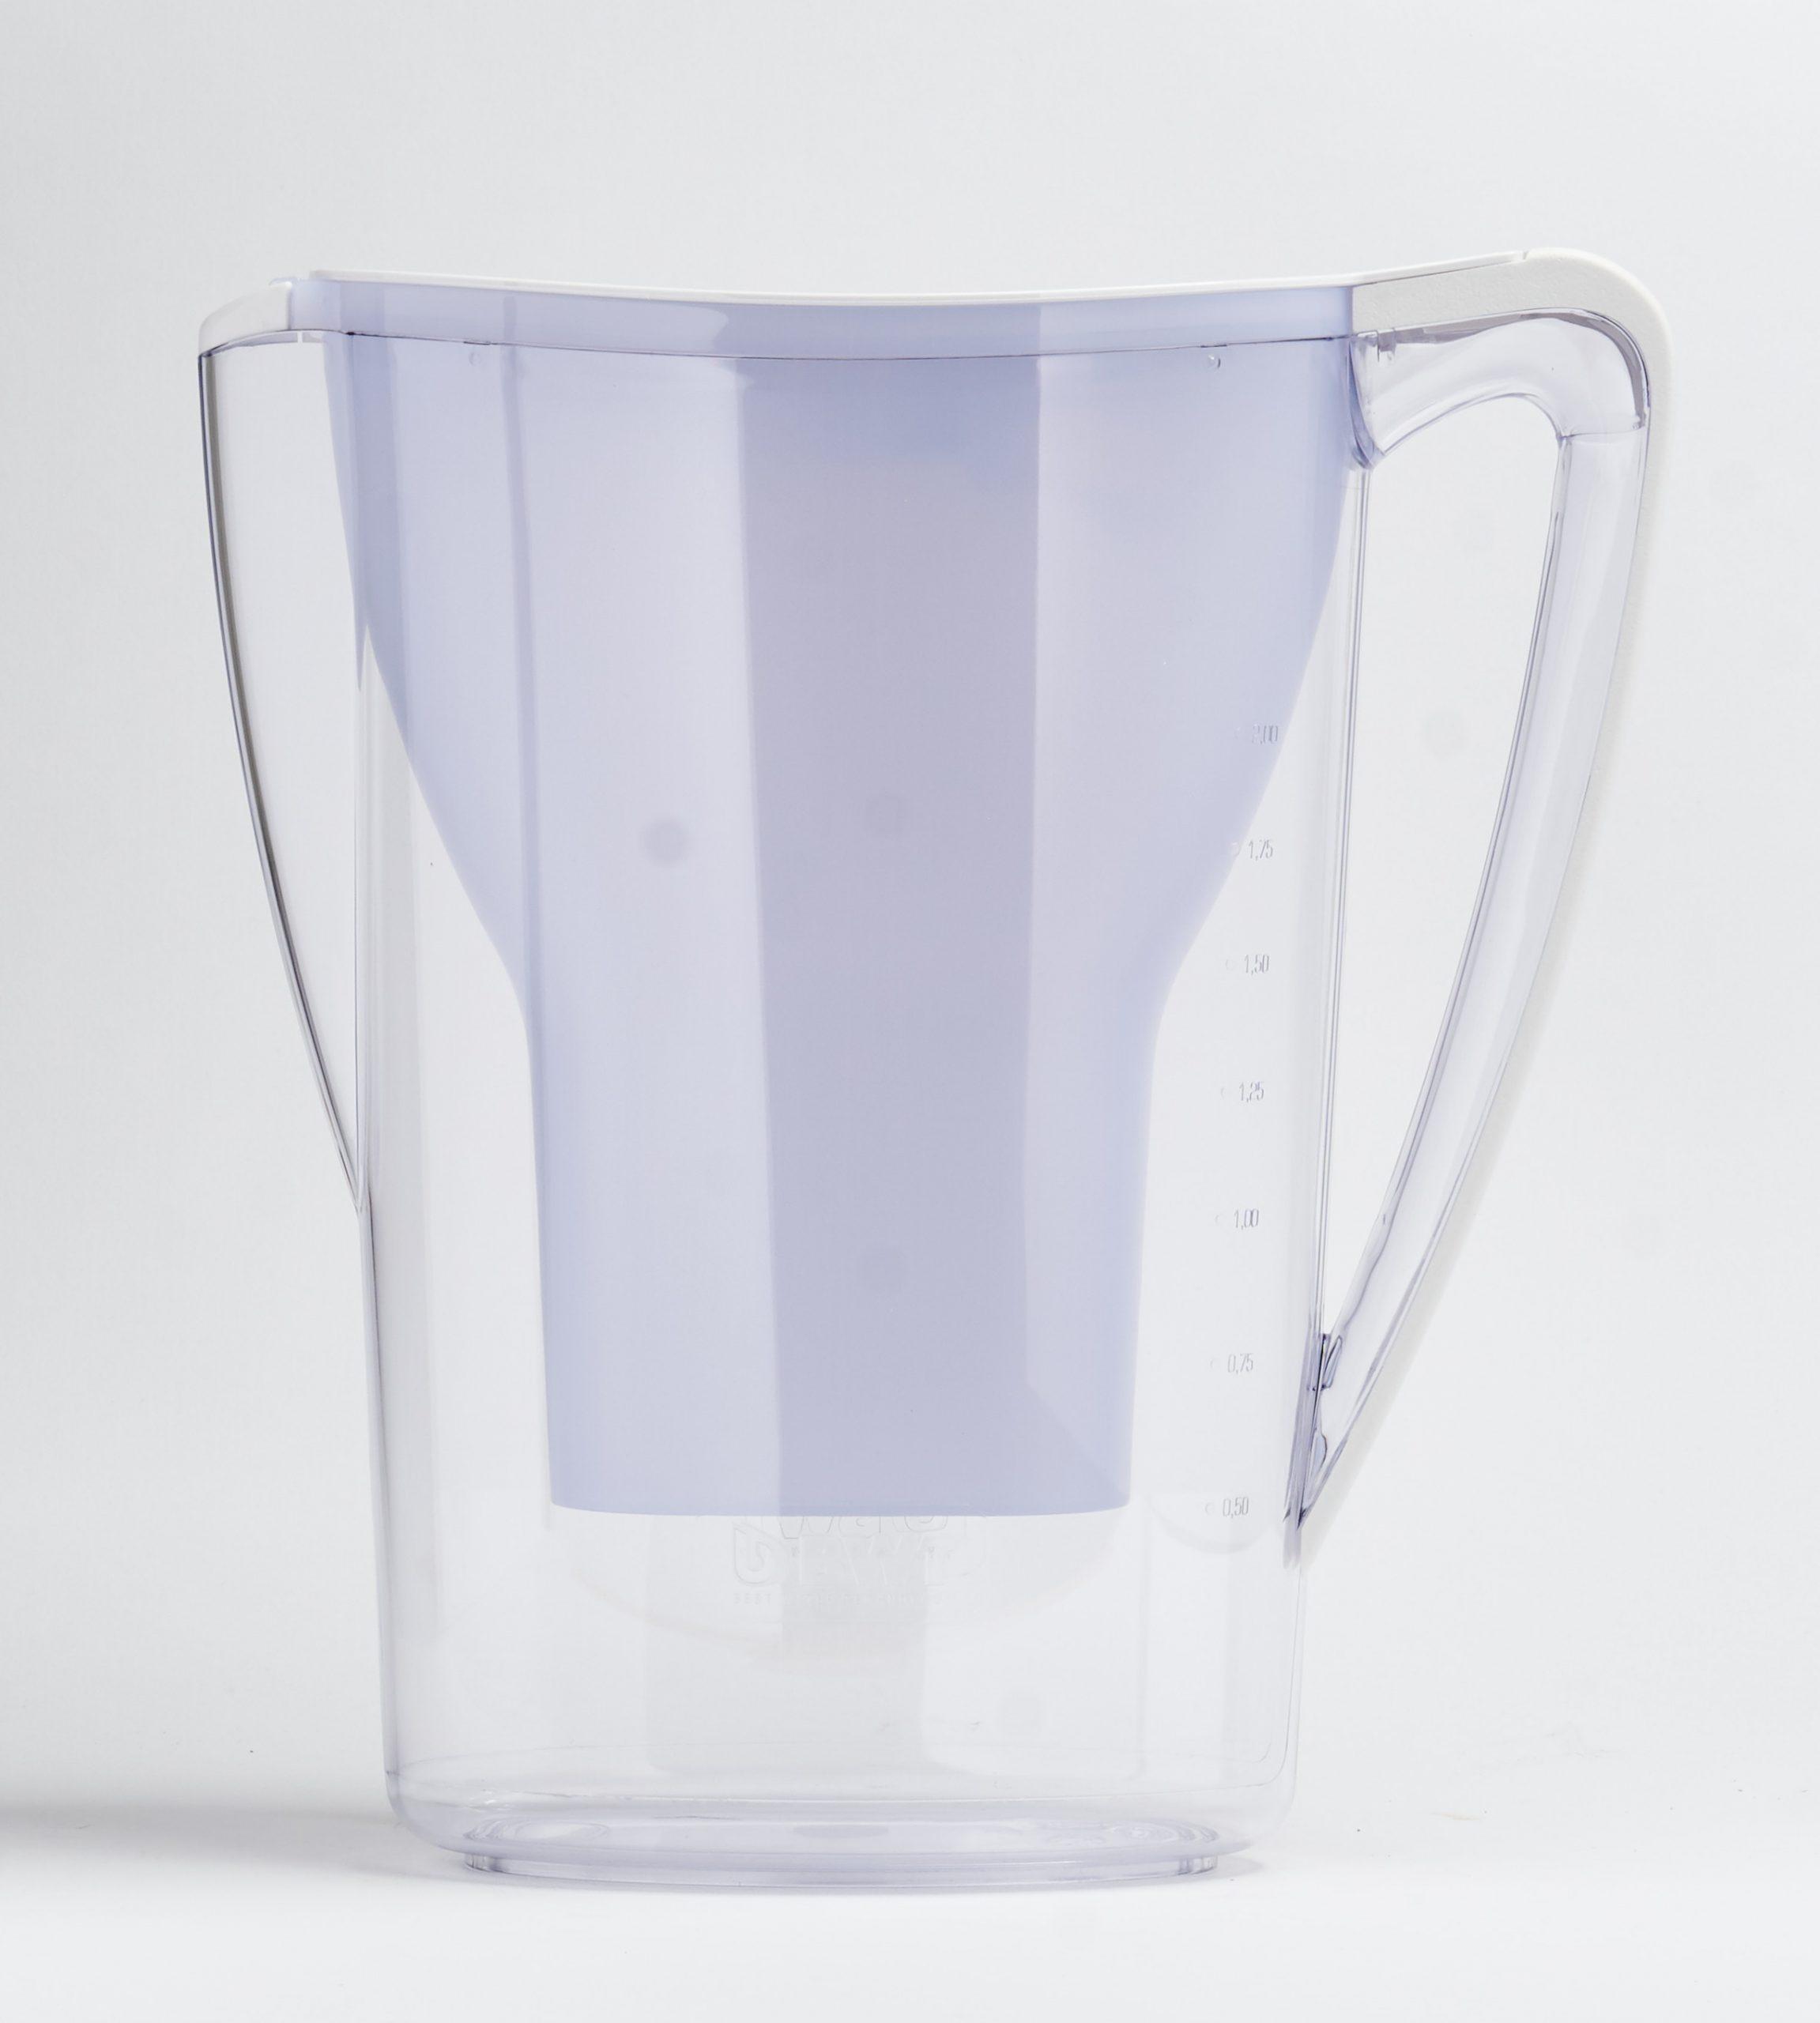 Penguin, Tischwasserfilter-prev-1